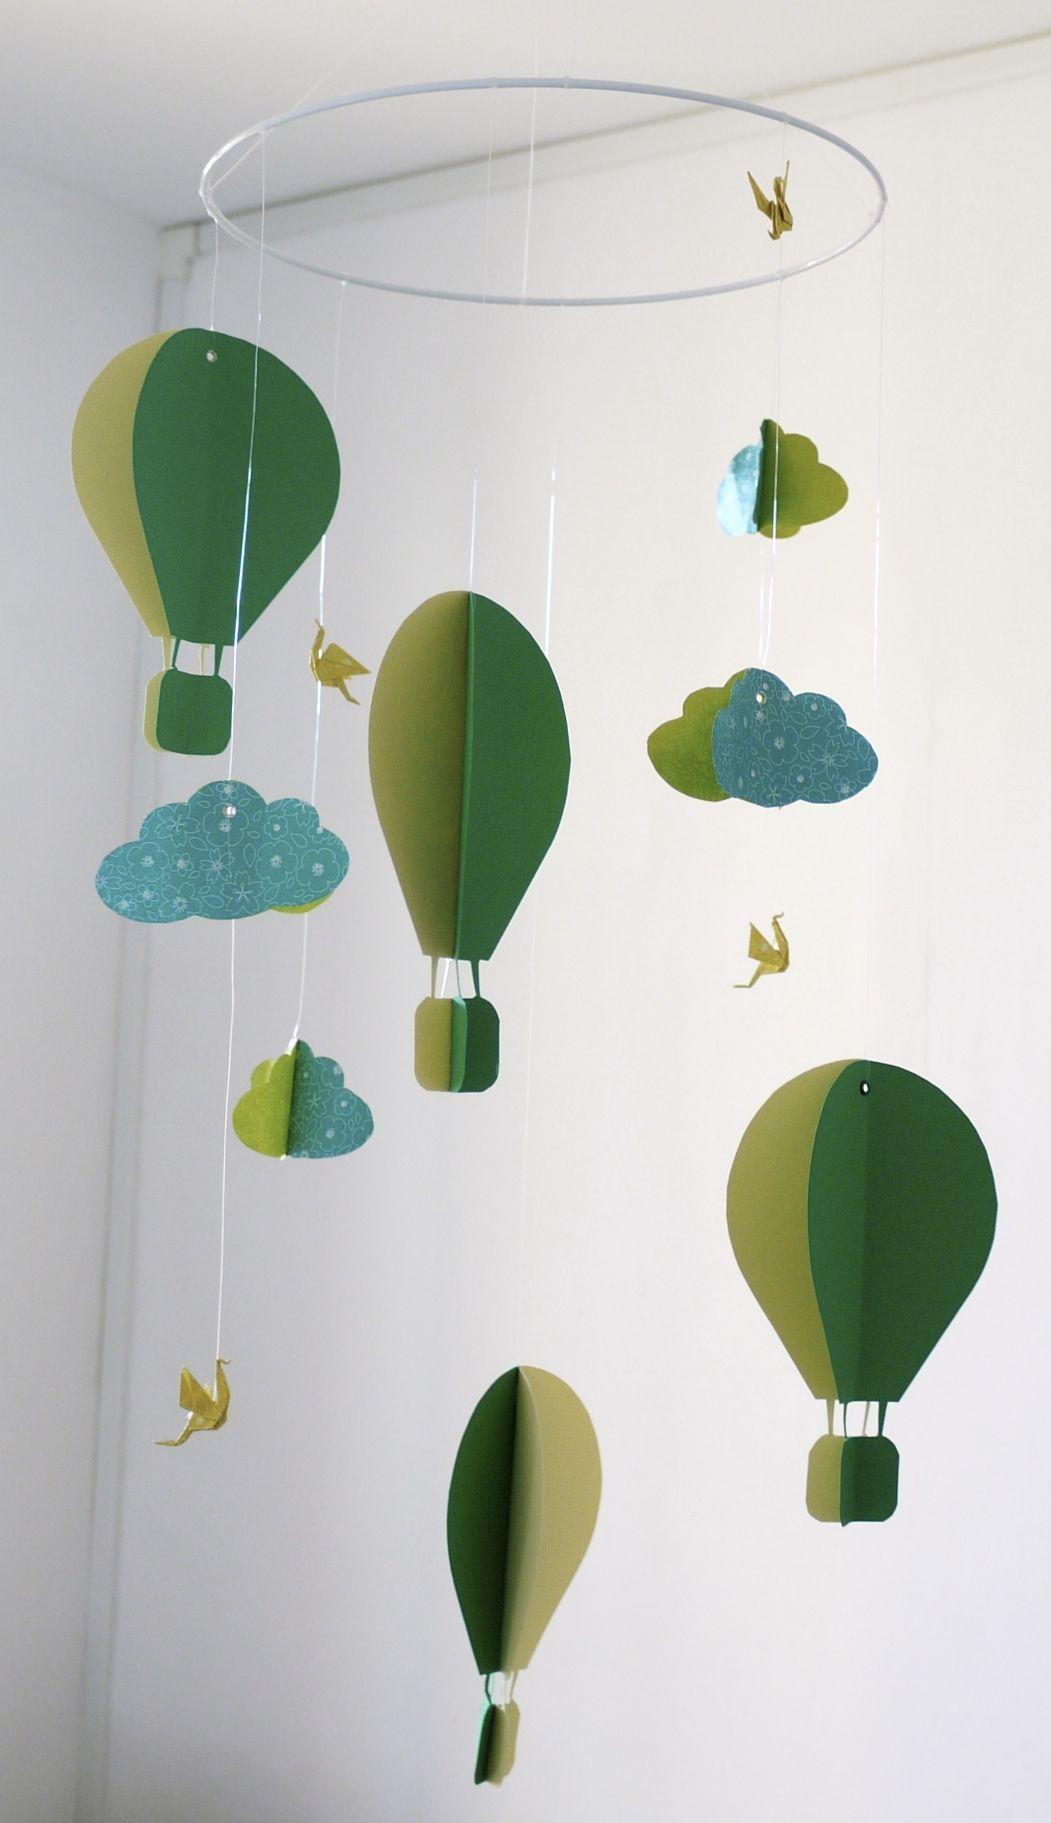 mobile b b origami papier suspension en spirale chambre b b montgolfi re oiseau nuage vert. Black Bedroom Furniture Sets. Home Design Ideas